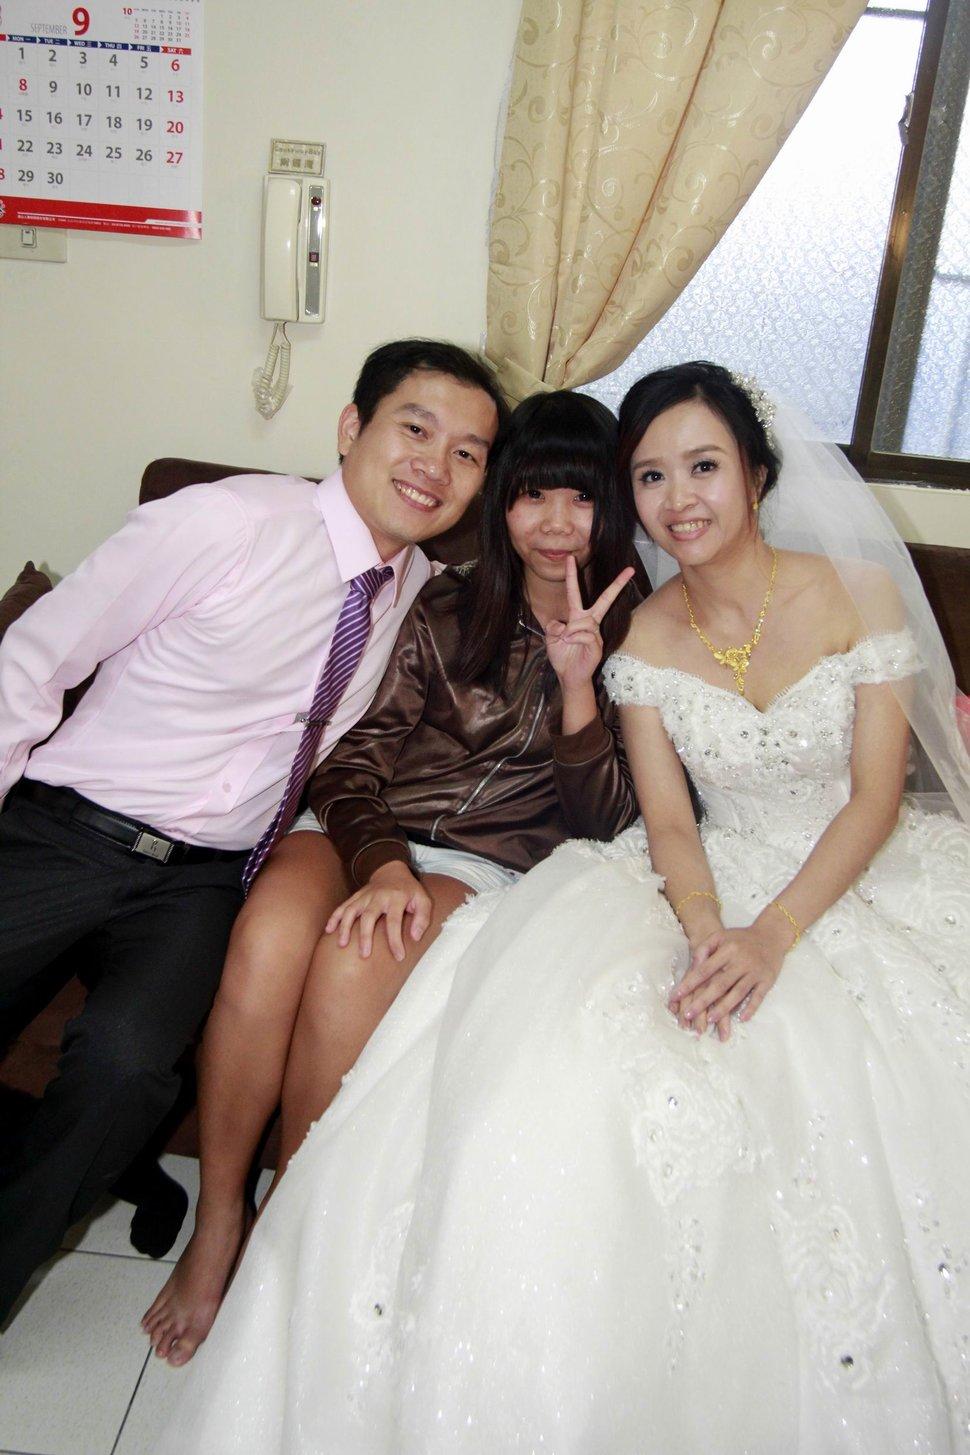 永和易牙居婚宴廣場宴會廳婚婚禮記錄結婚迎娶婚禮記錄動態微電影錄影專業錄影平面攝影婚攝婚禮(編號:213068) - 蜜月拍照10800錄影12800攝影團隊 - 結婚吧